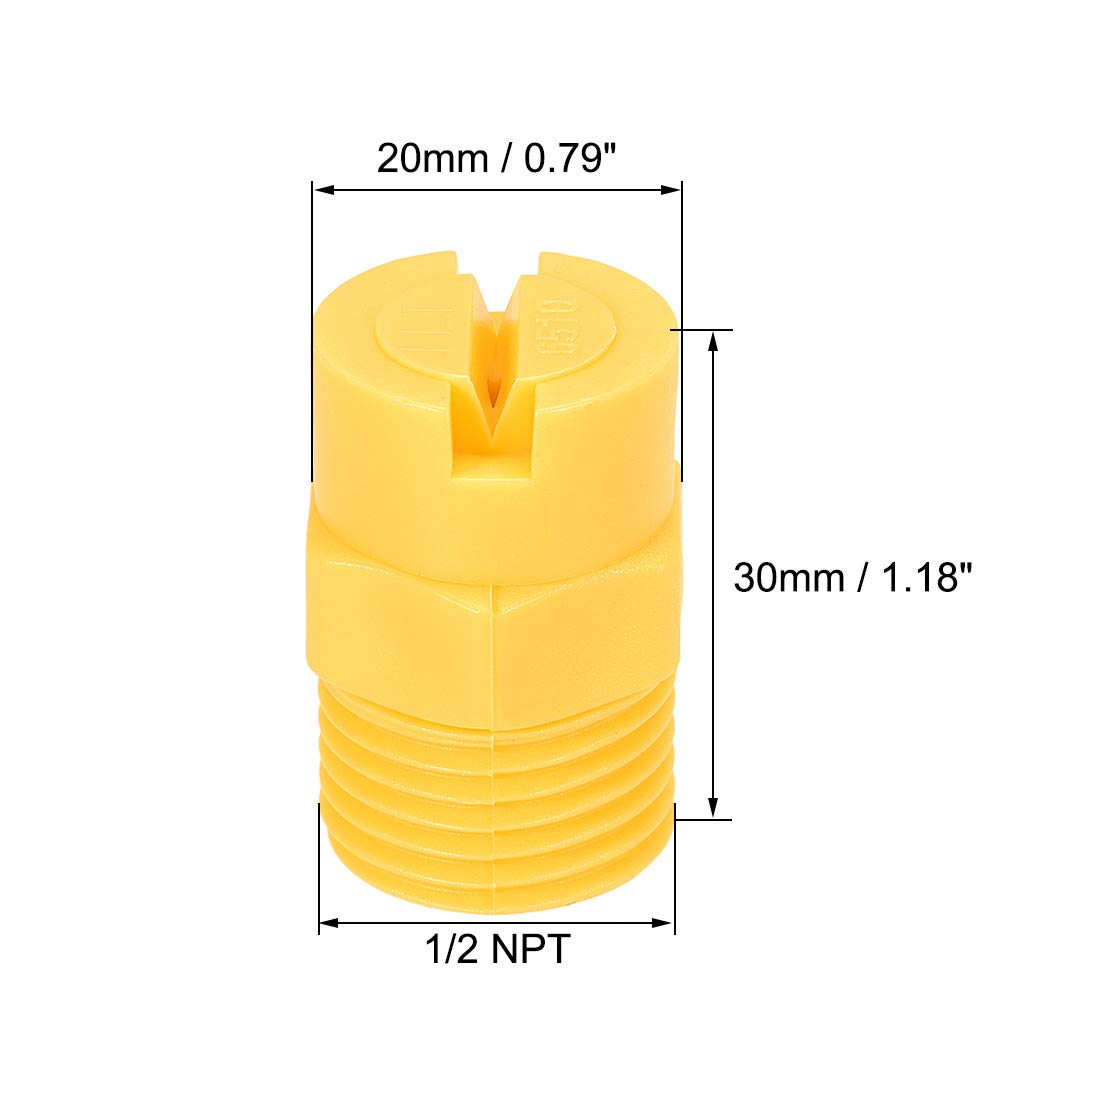 Flachstrahld/üse D/üsen PP 65 Grad 3,6mm /Öffnungsdurchmesser 1//2NPT Gewinde sourcing map 5 STK